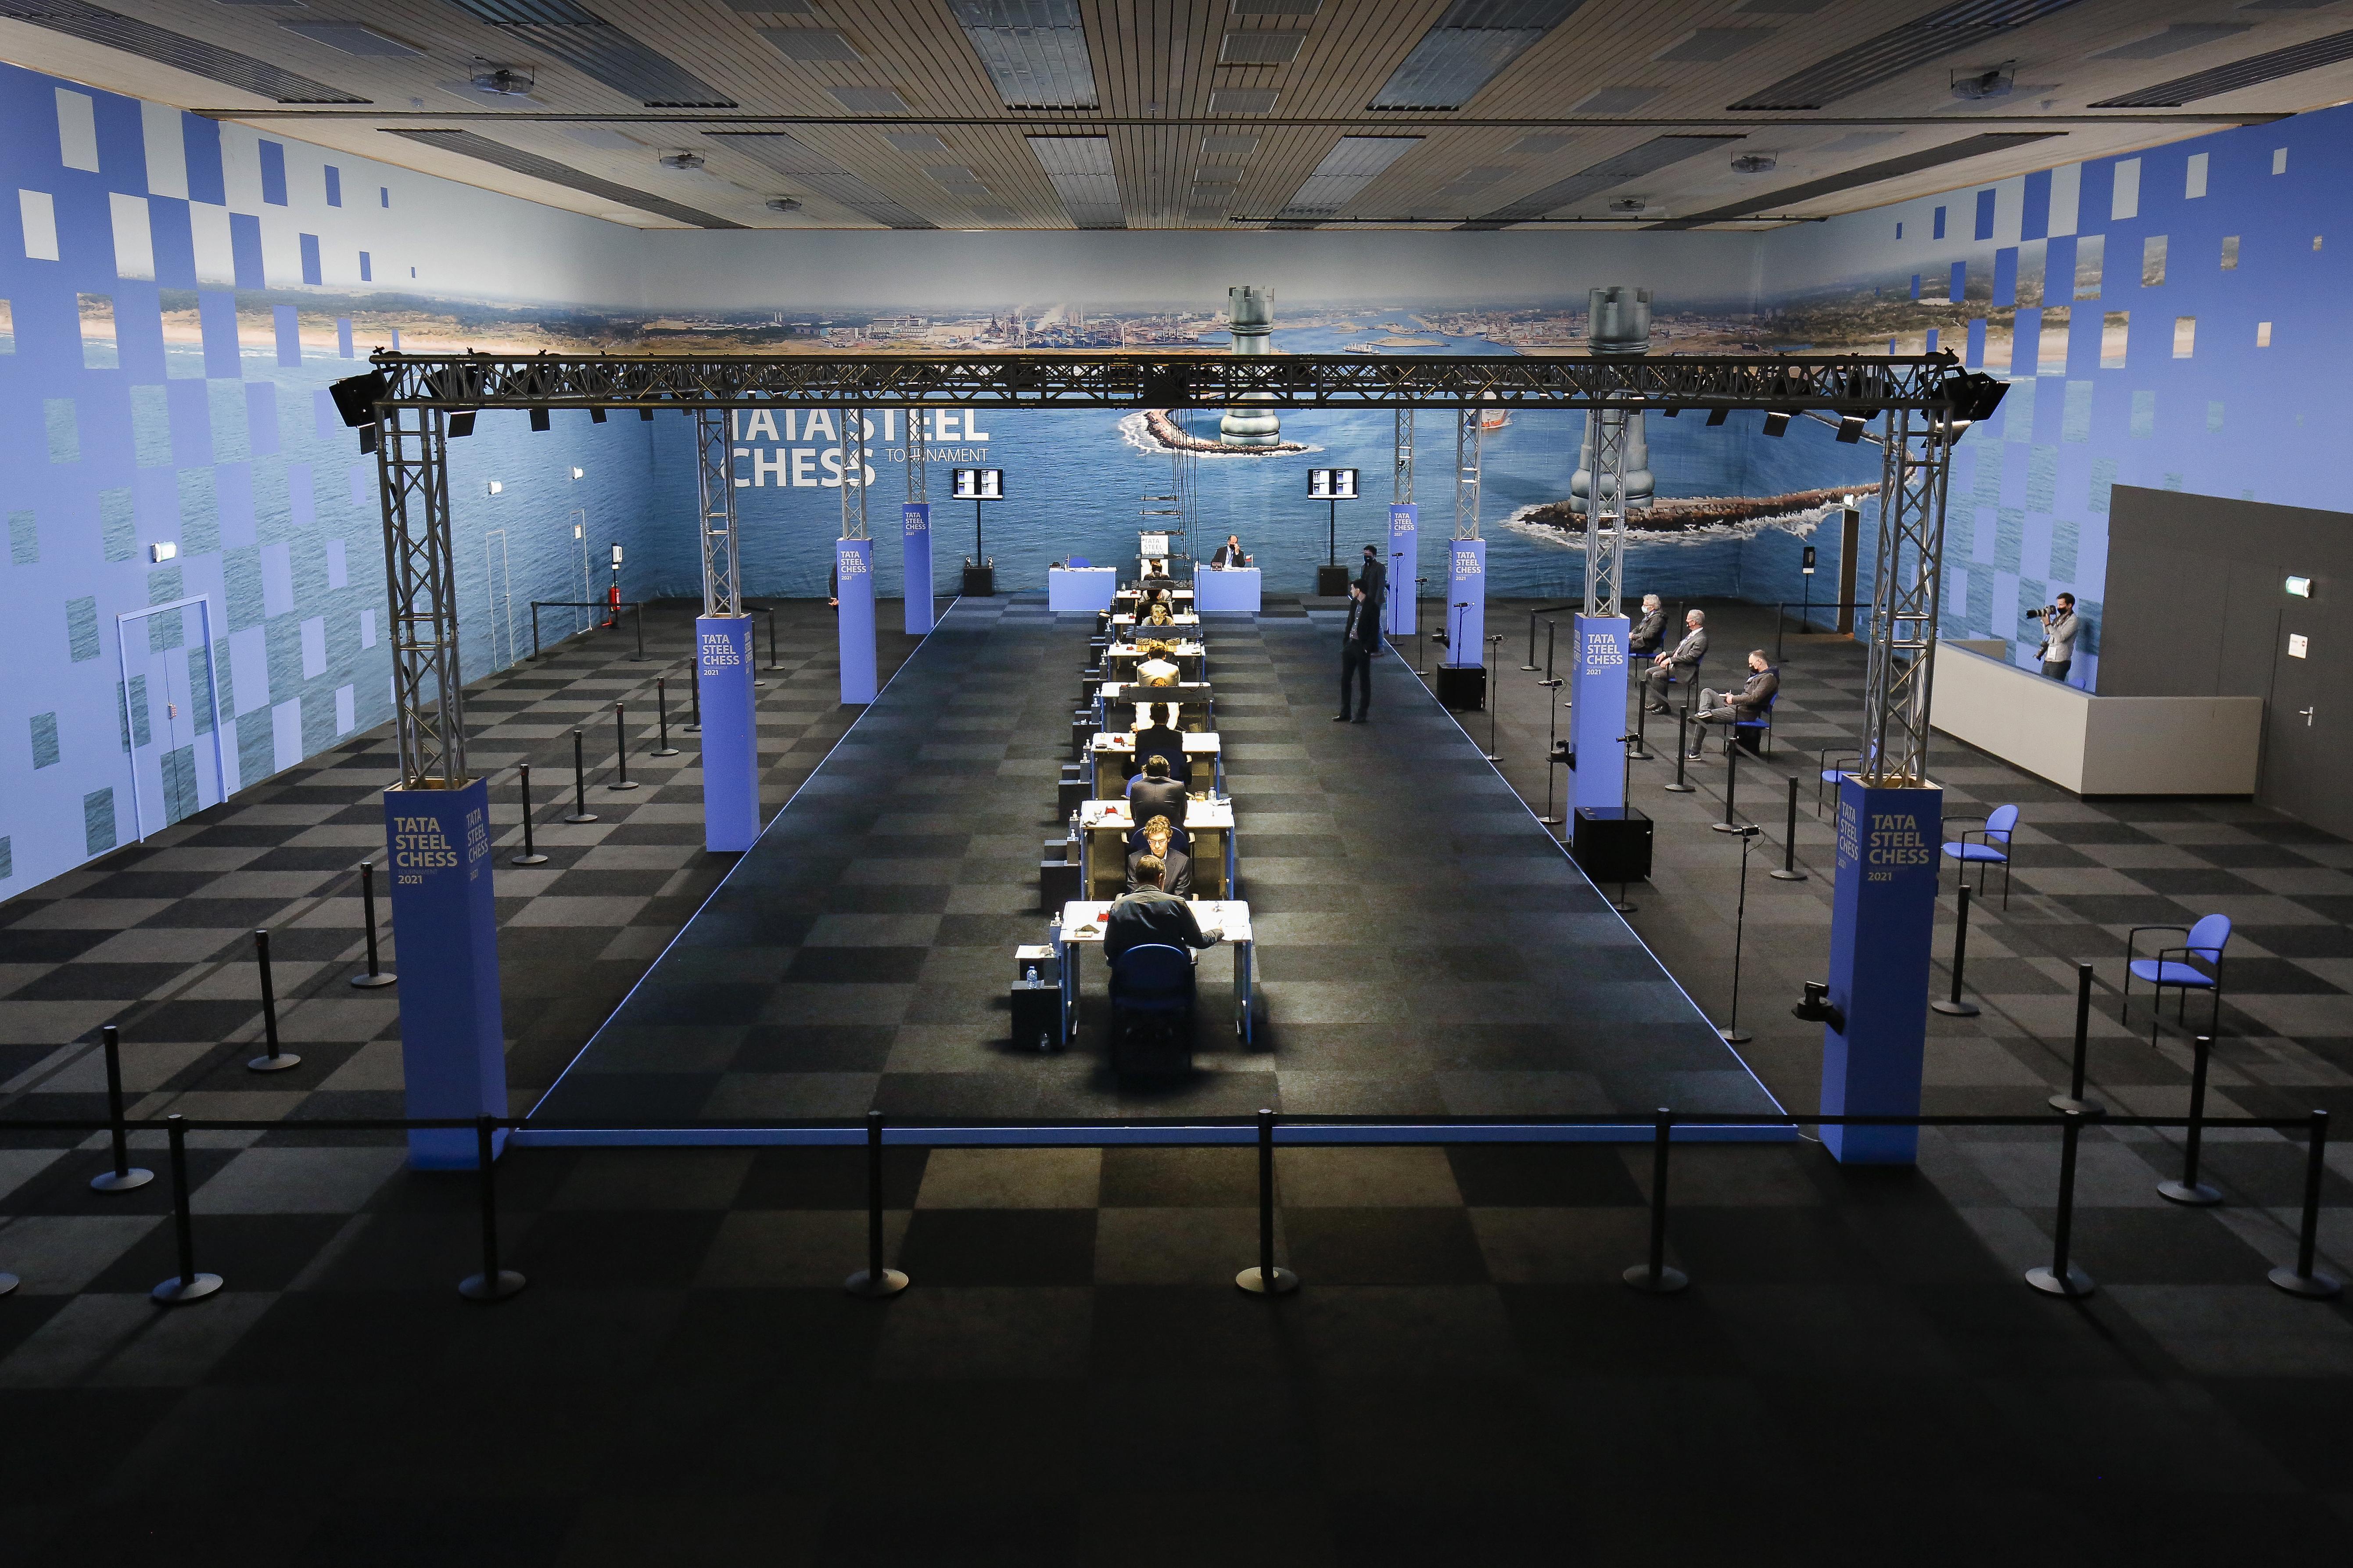 Tata Steel Chess in coronatijd: veertien grootmeesters, dat is alles. Geen pelgrimstocht naar doodstil Wijk aan Zee, het mekka van het schaken